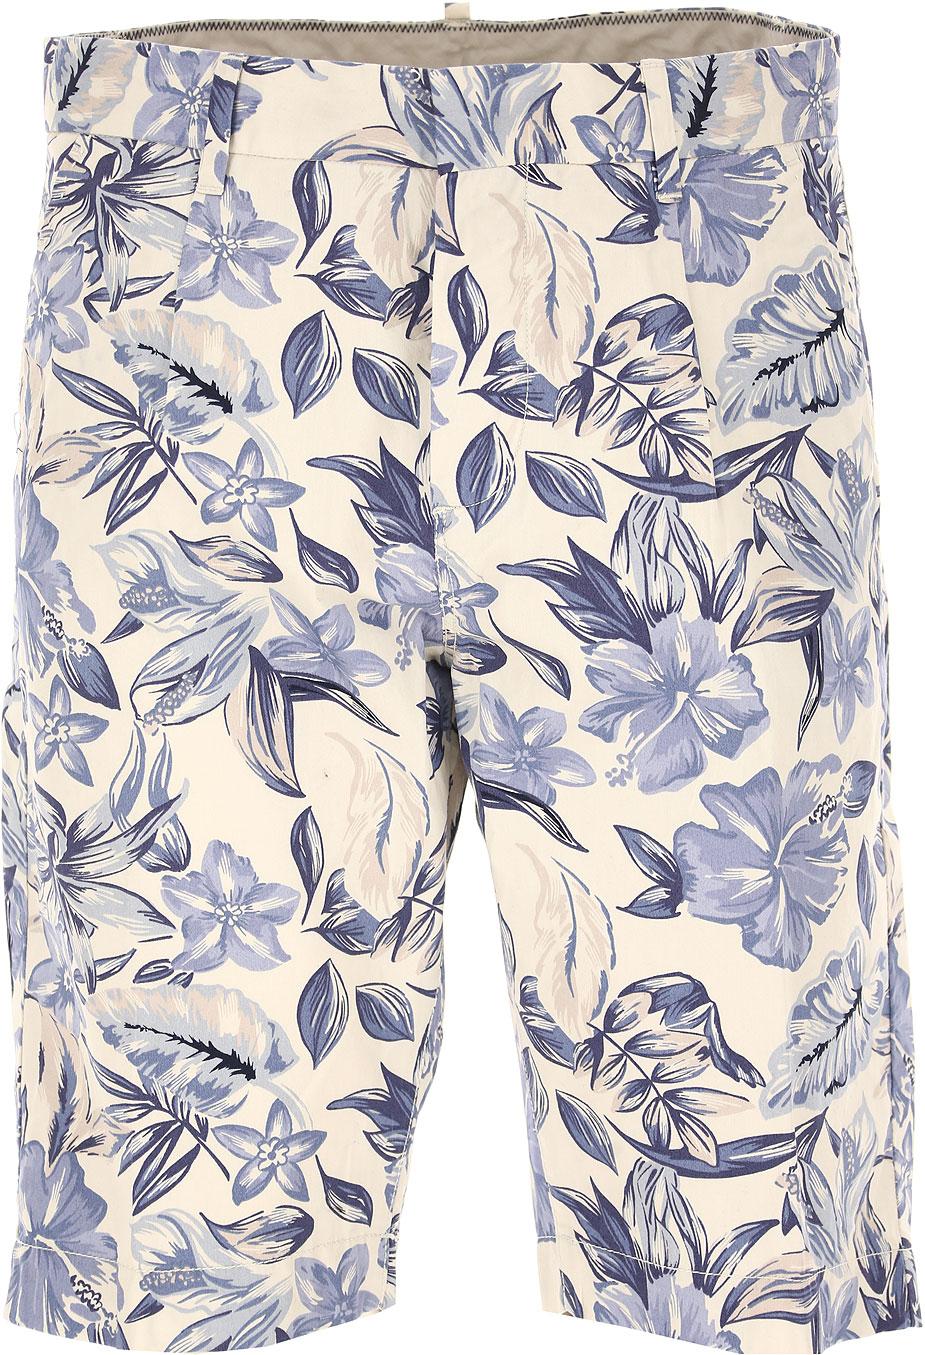 Abbigliamento Uomo Antony Morato, Codice Articolo: mmsh00057-fa950044-7032